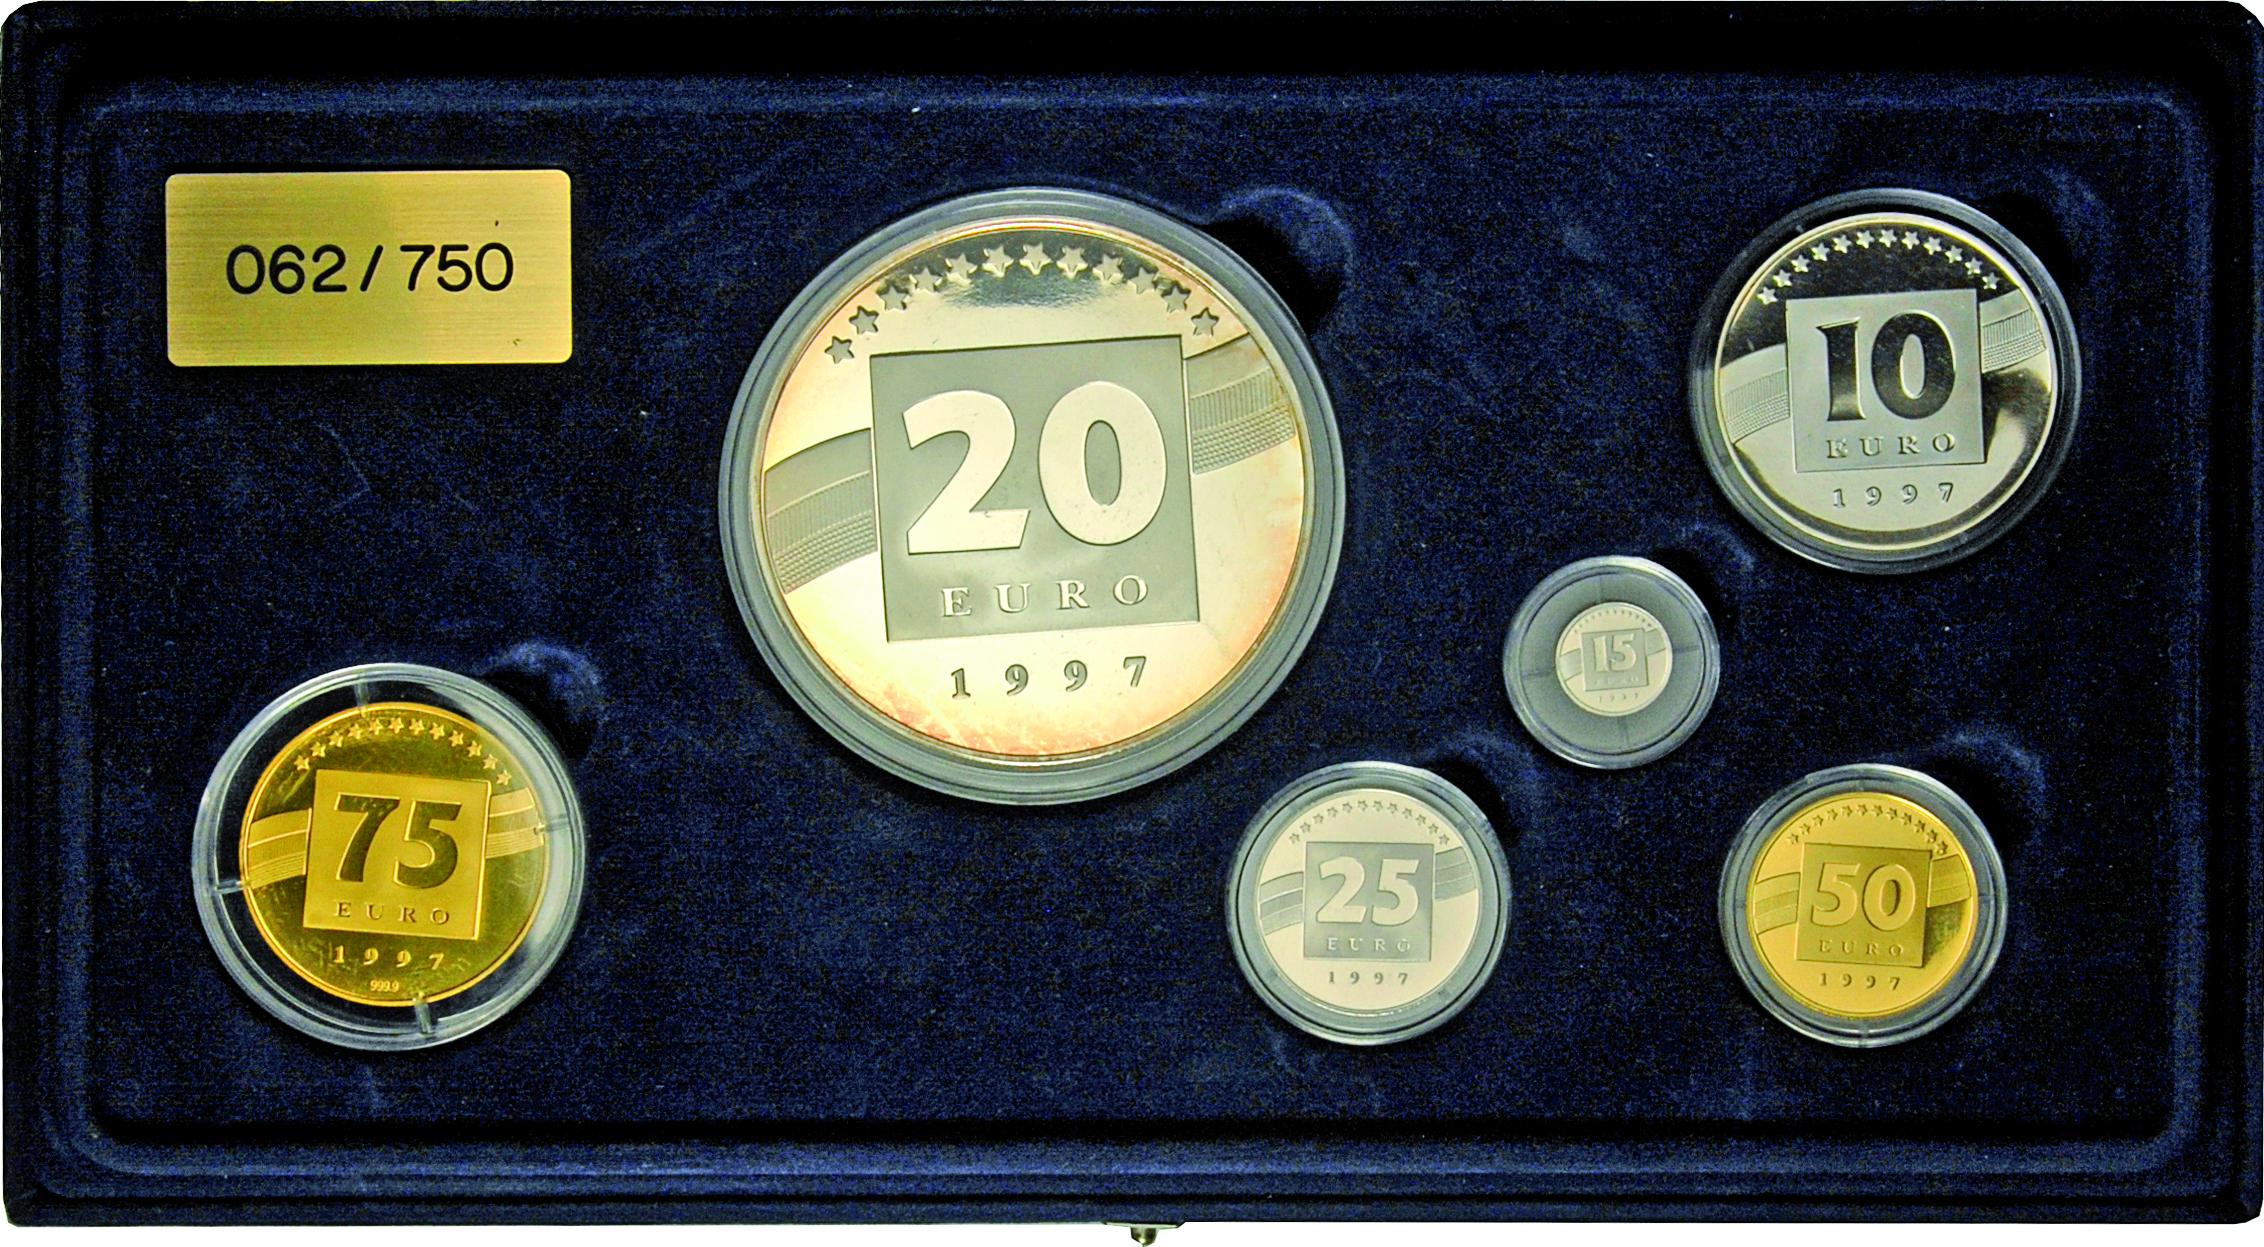 Lot 4570 - Medaillen Deutschland | Münzen  -  Auktionshaus Christoph Gärtner GmbH & Co. KG Banknotes & Coins Auction #39 Day 2